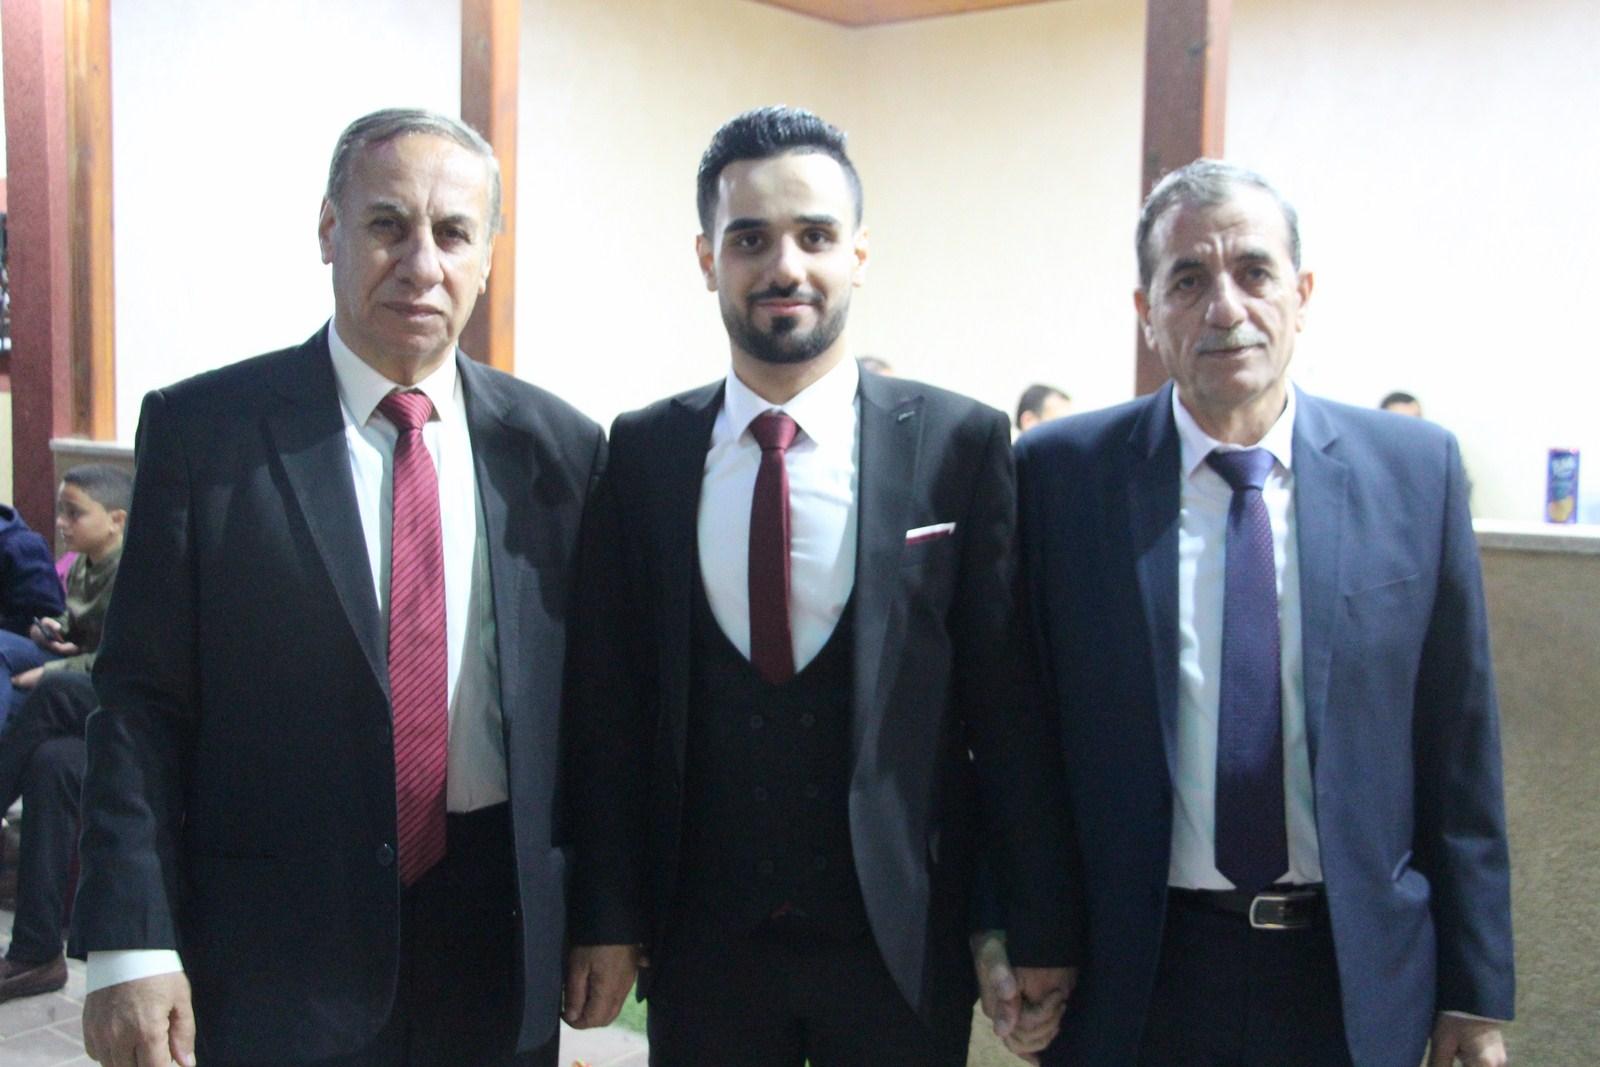 حفل زفاف صآحبة الصون والعفاف الانسة / سلمى معاذ الفرا